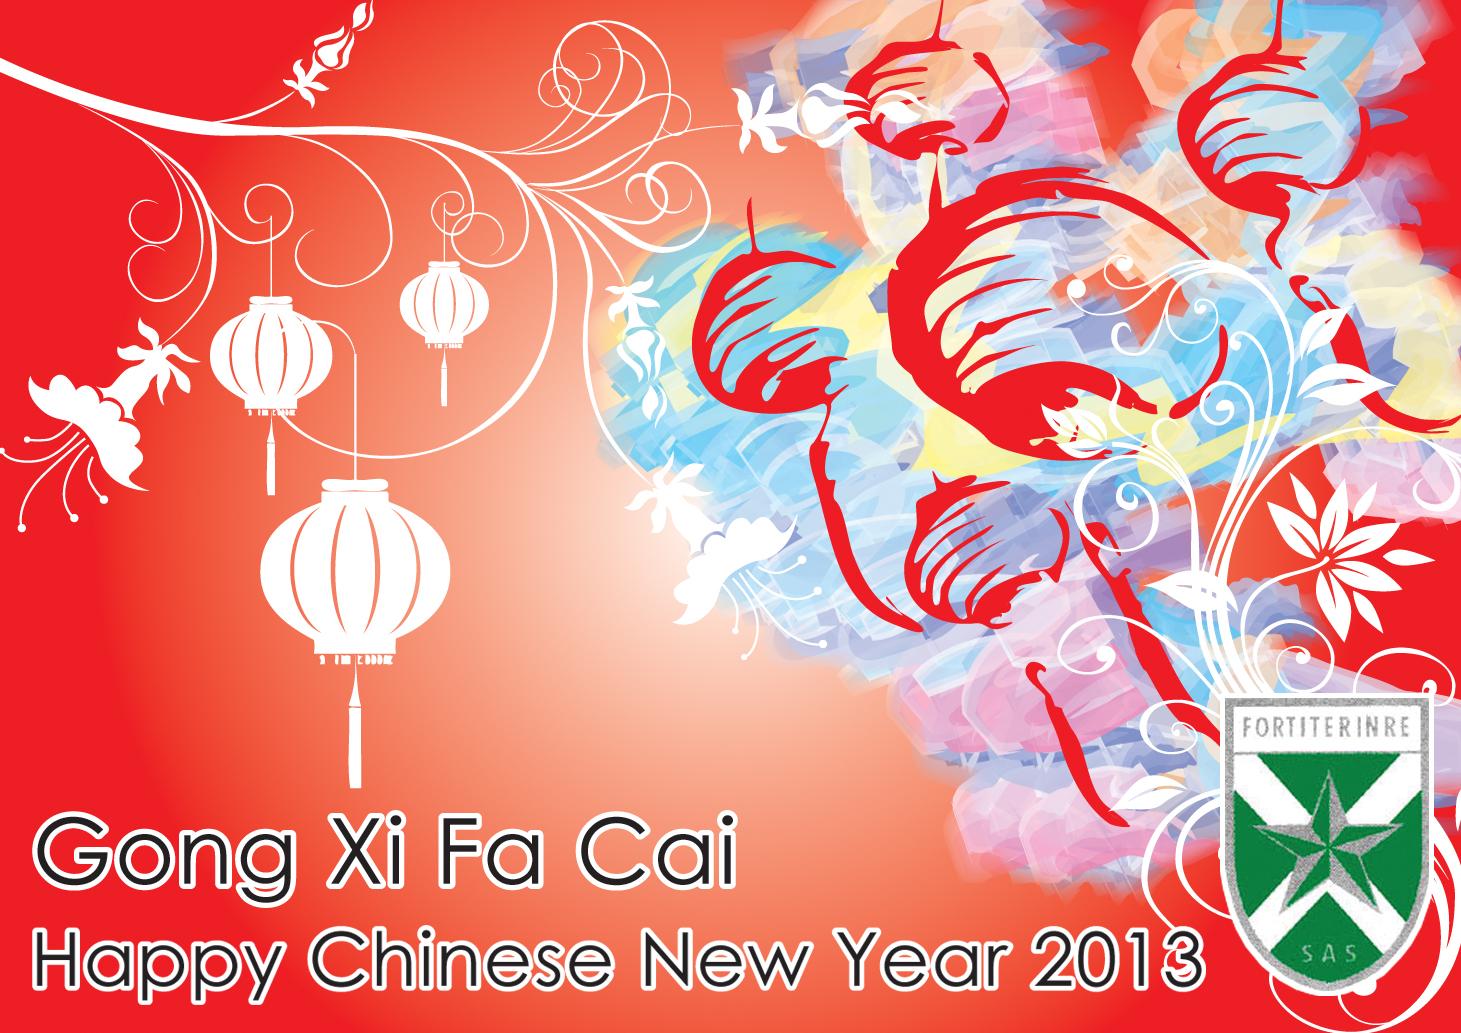 ... Bergerak Ucapan Selamat Tahun Baru Imlek.Ucapan Gong Xi Fa Cai Tahun